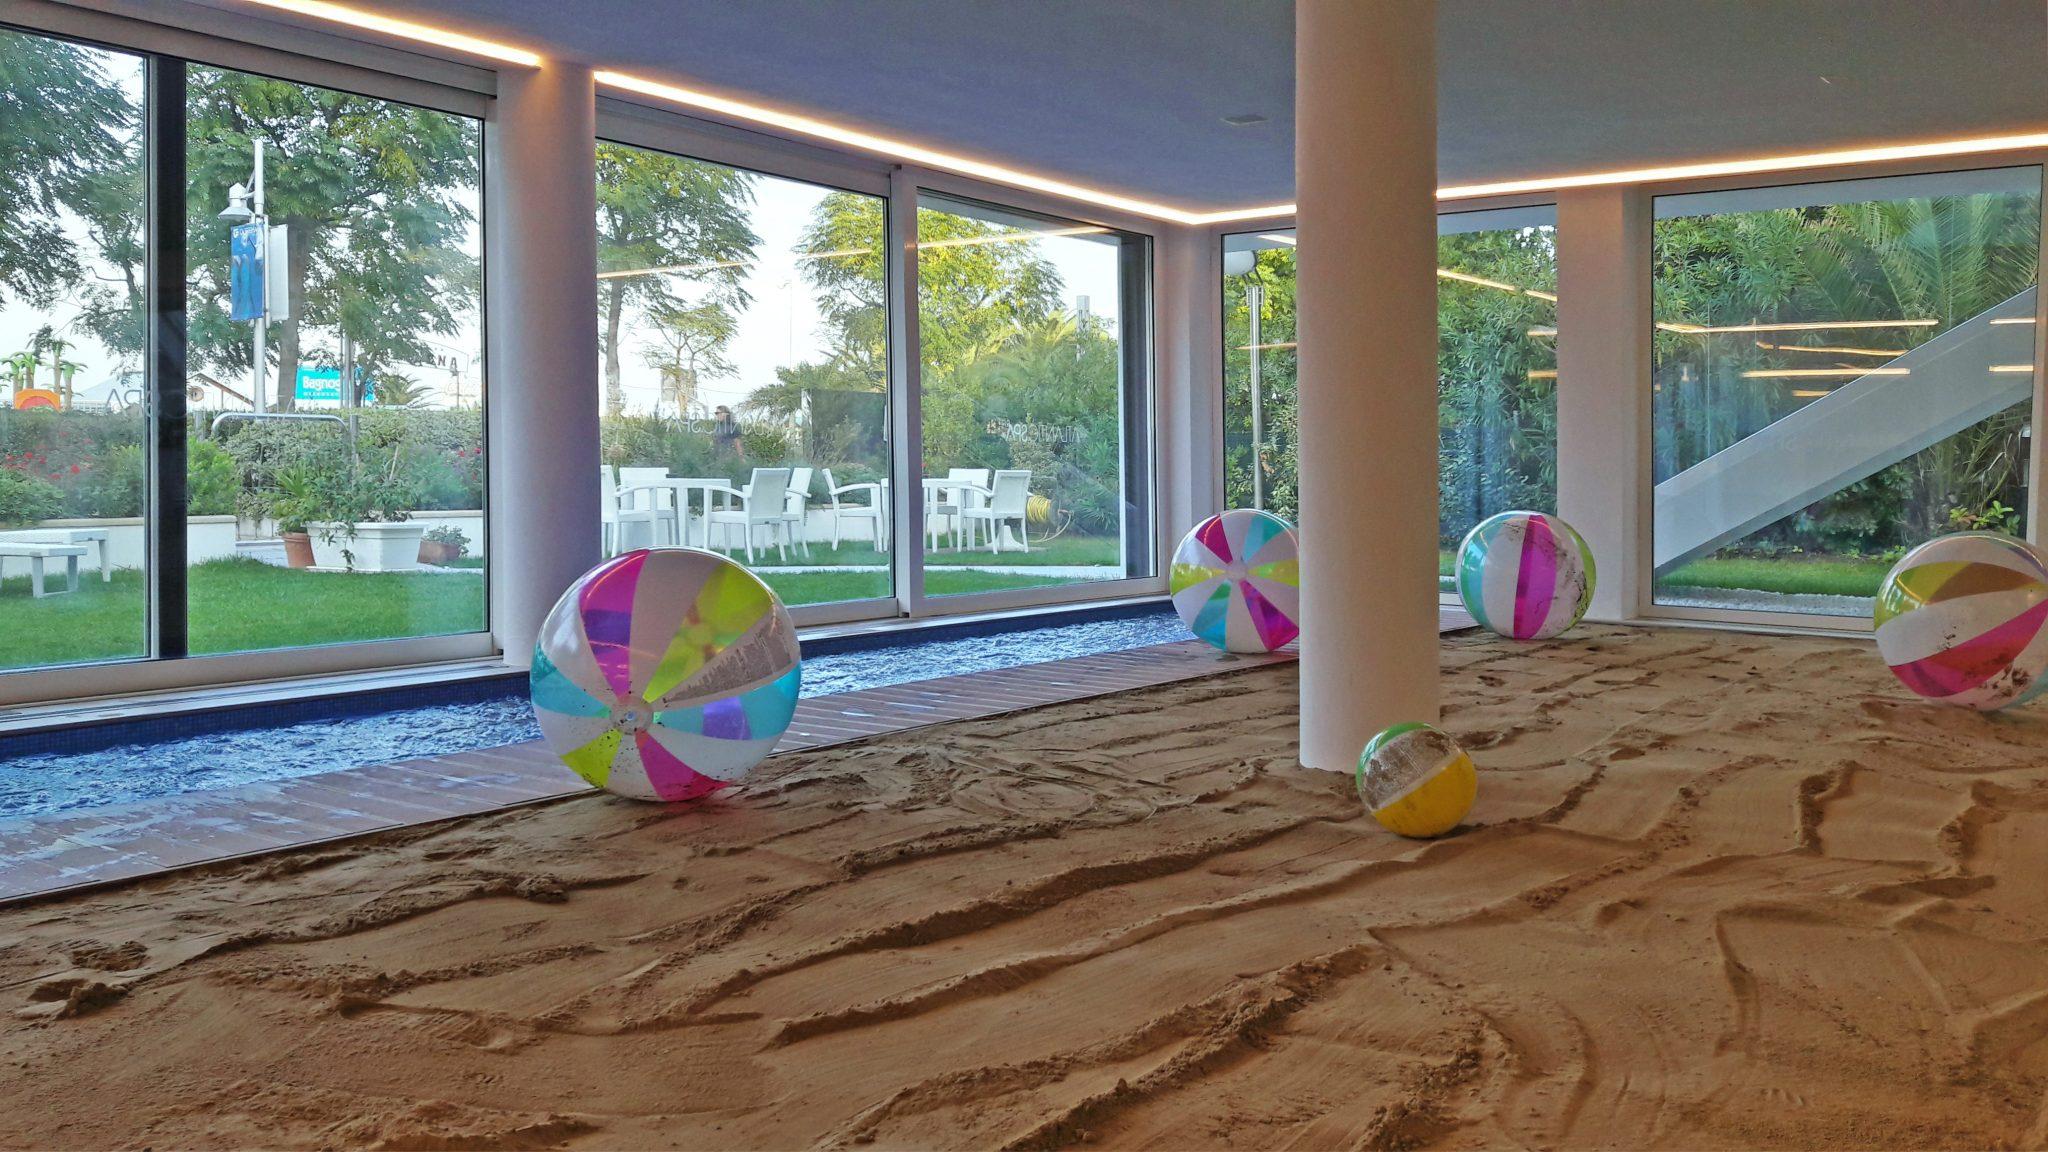 Nell'Atlantic Spa di Riccione, l'elemento di sopresa, l'unicità, è la Spiaggia d'Inverno, all'interno dell'albergo, con sabbia vera, piccola piscina (per i bambini) e lampade a raggi infrarossi.